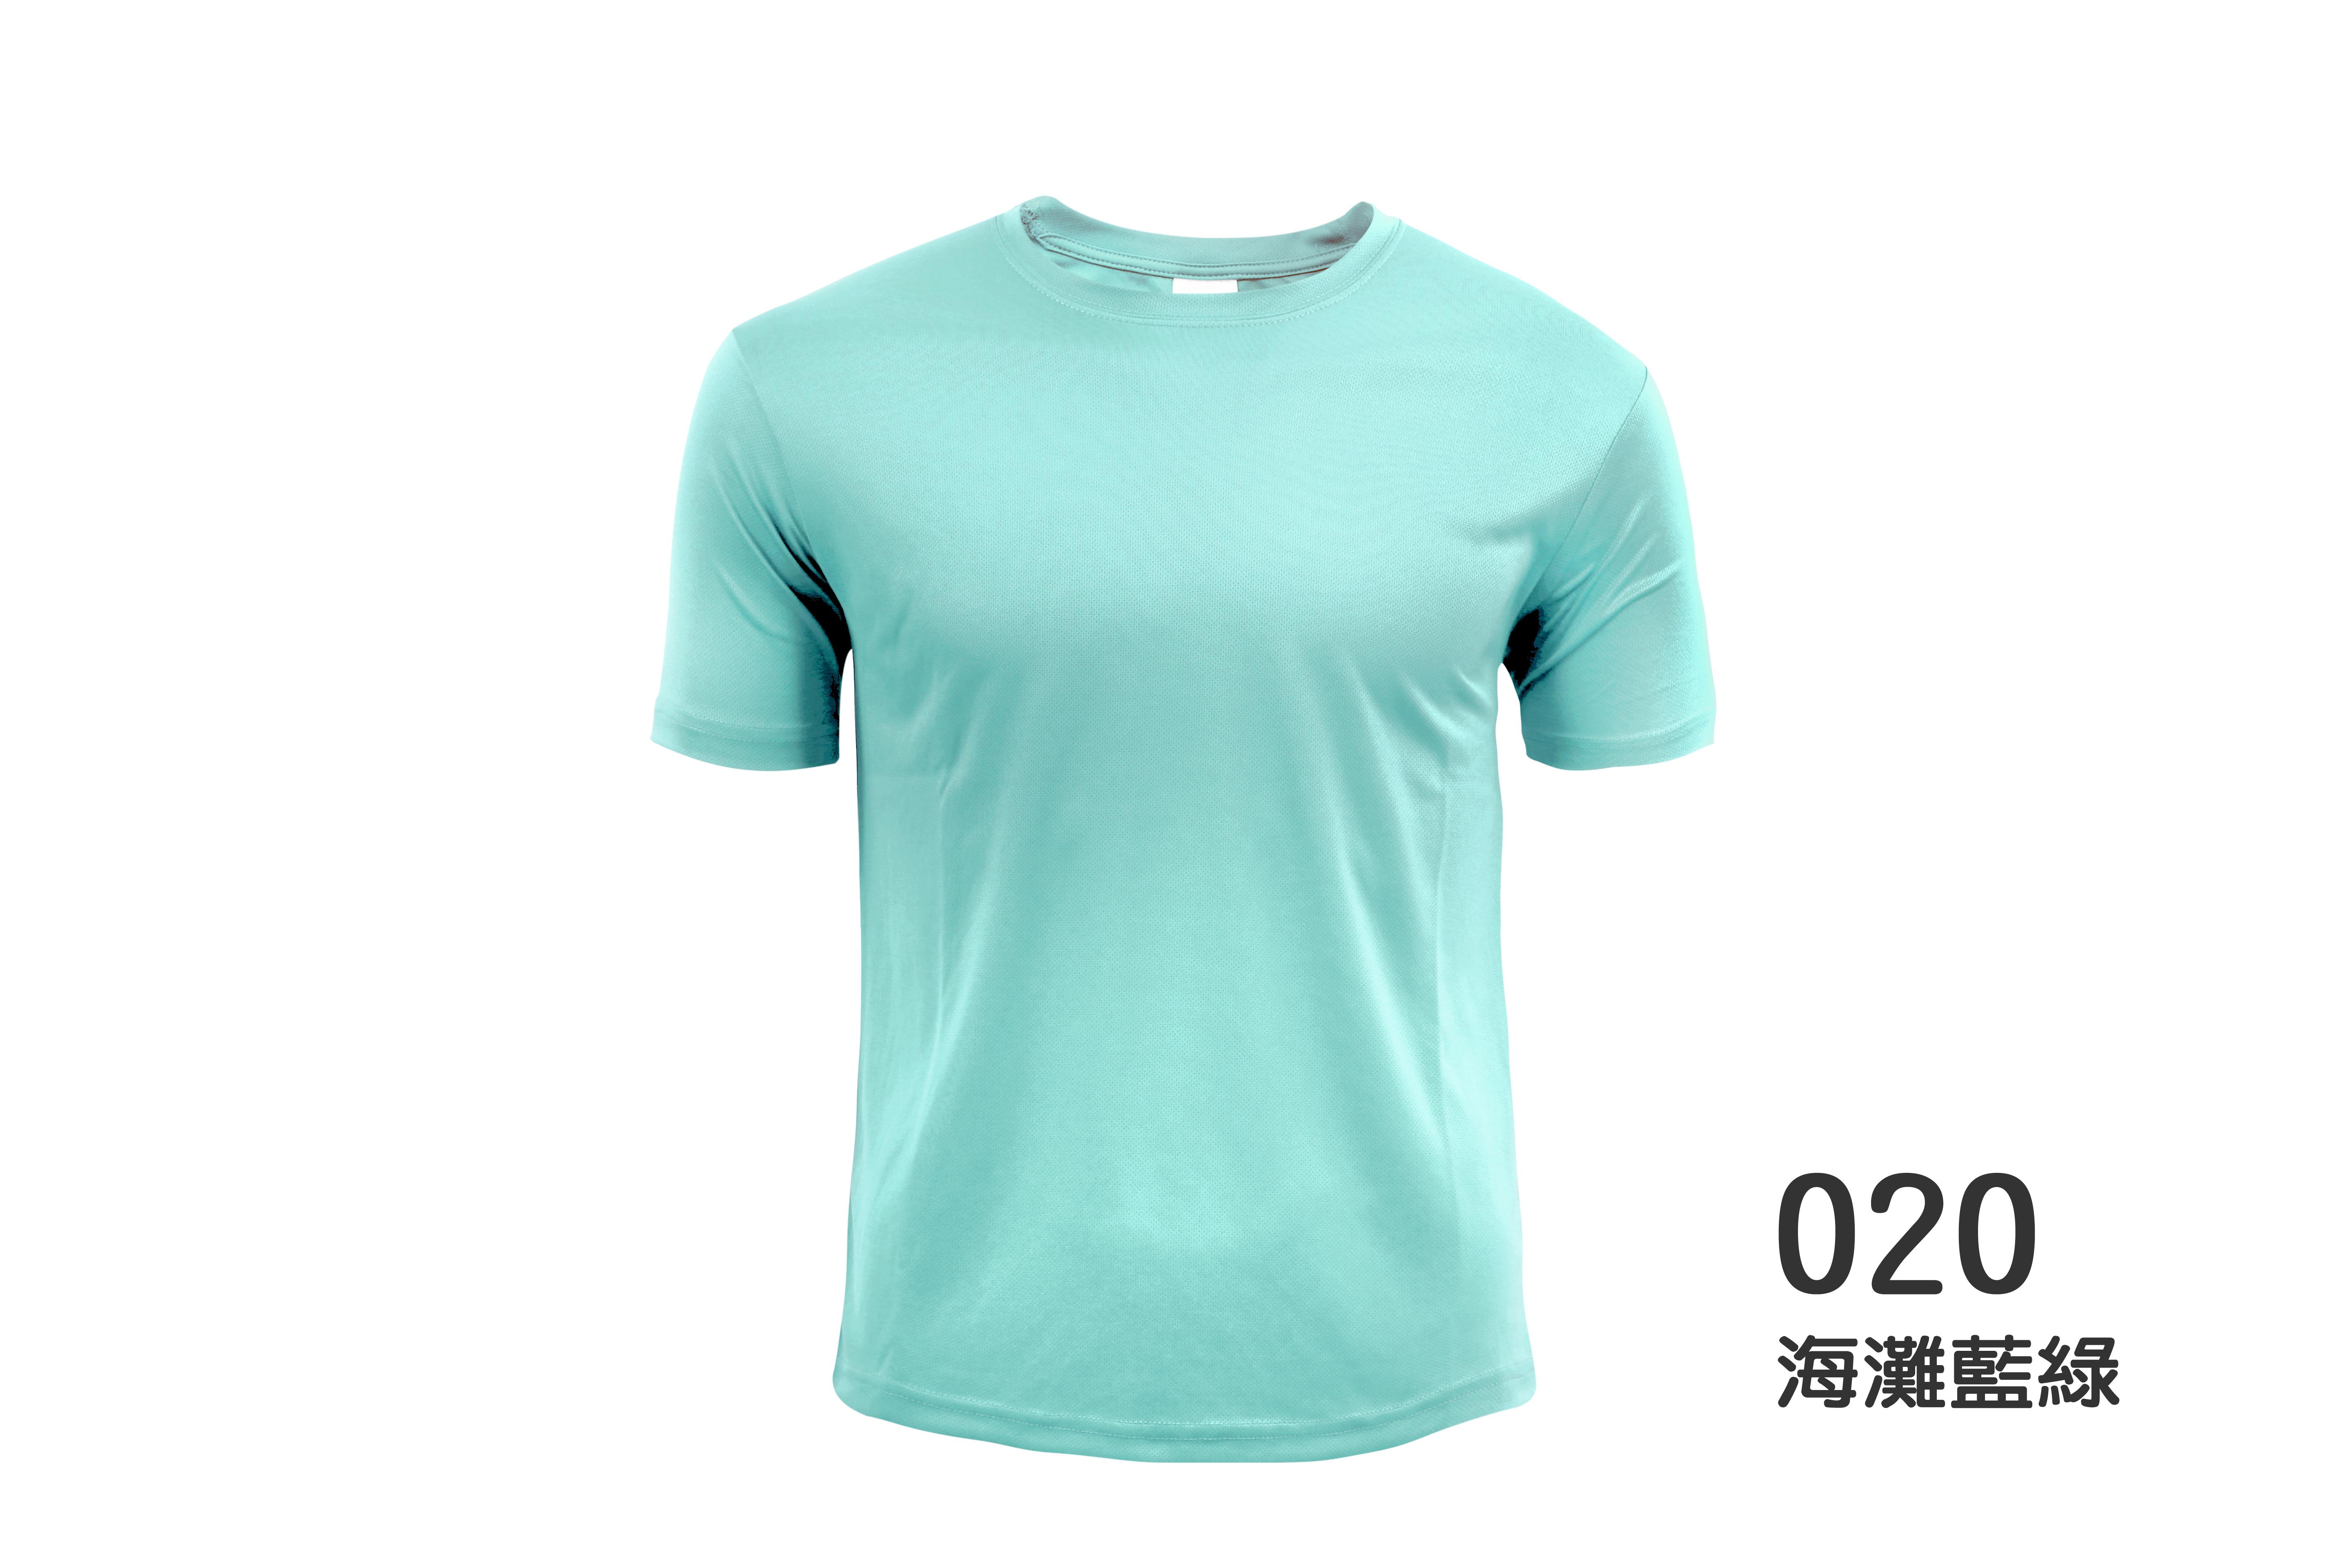 020海灘藍綠-1-01